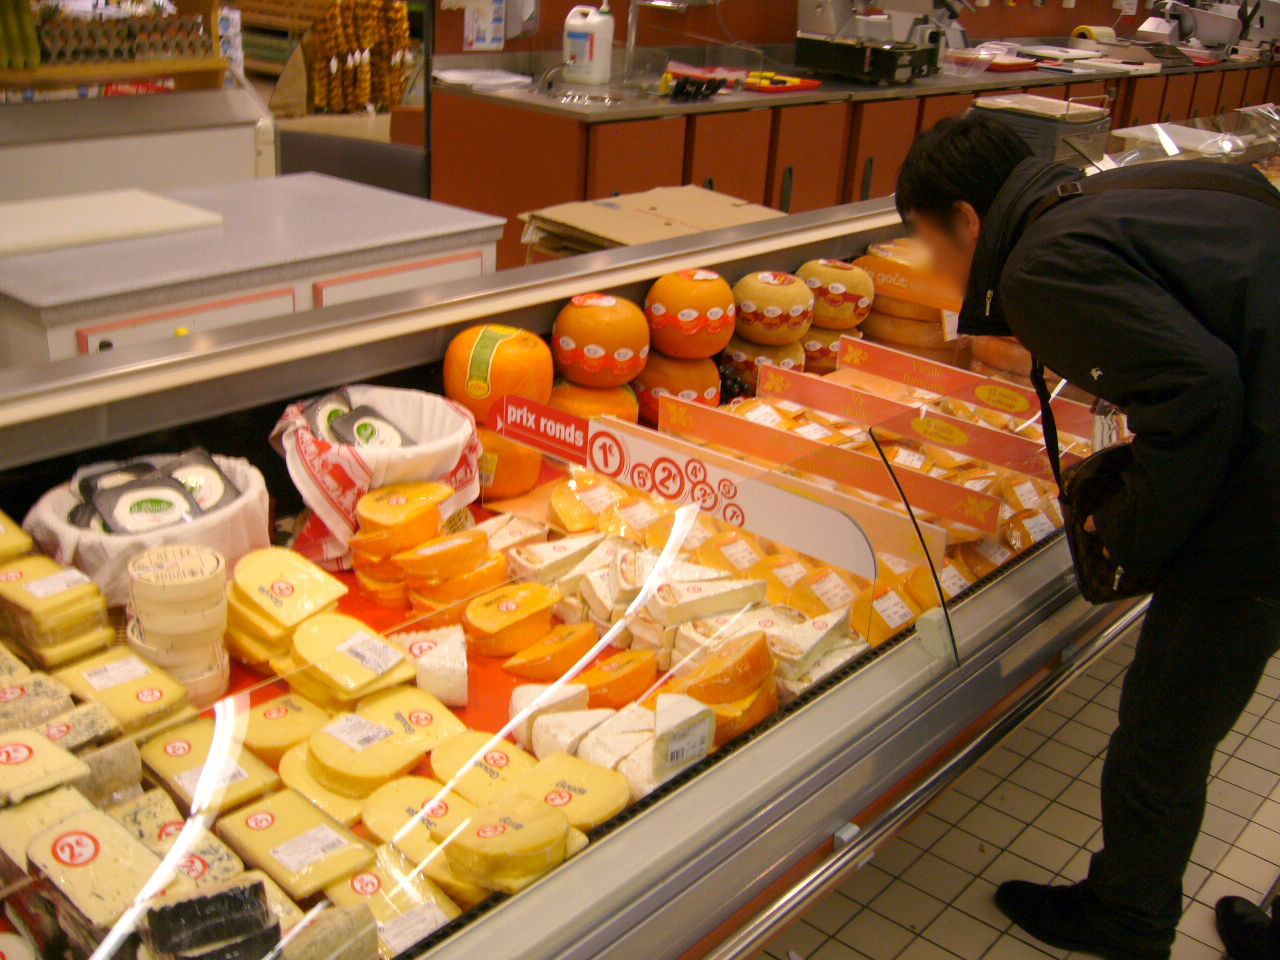 チーズの種類が豊富ですね。奥のオレンジ色もチーズかな?